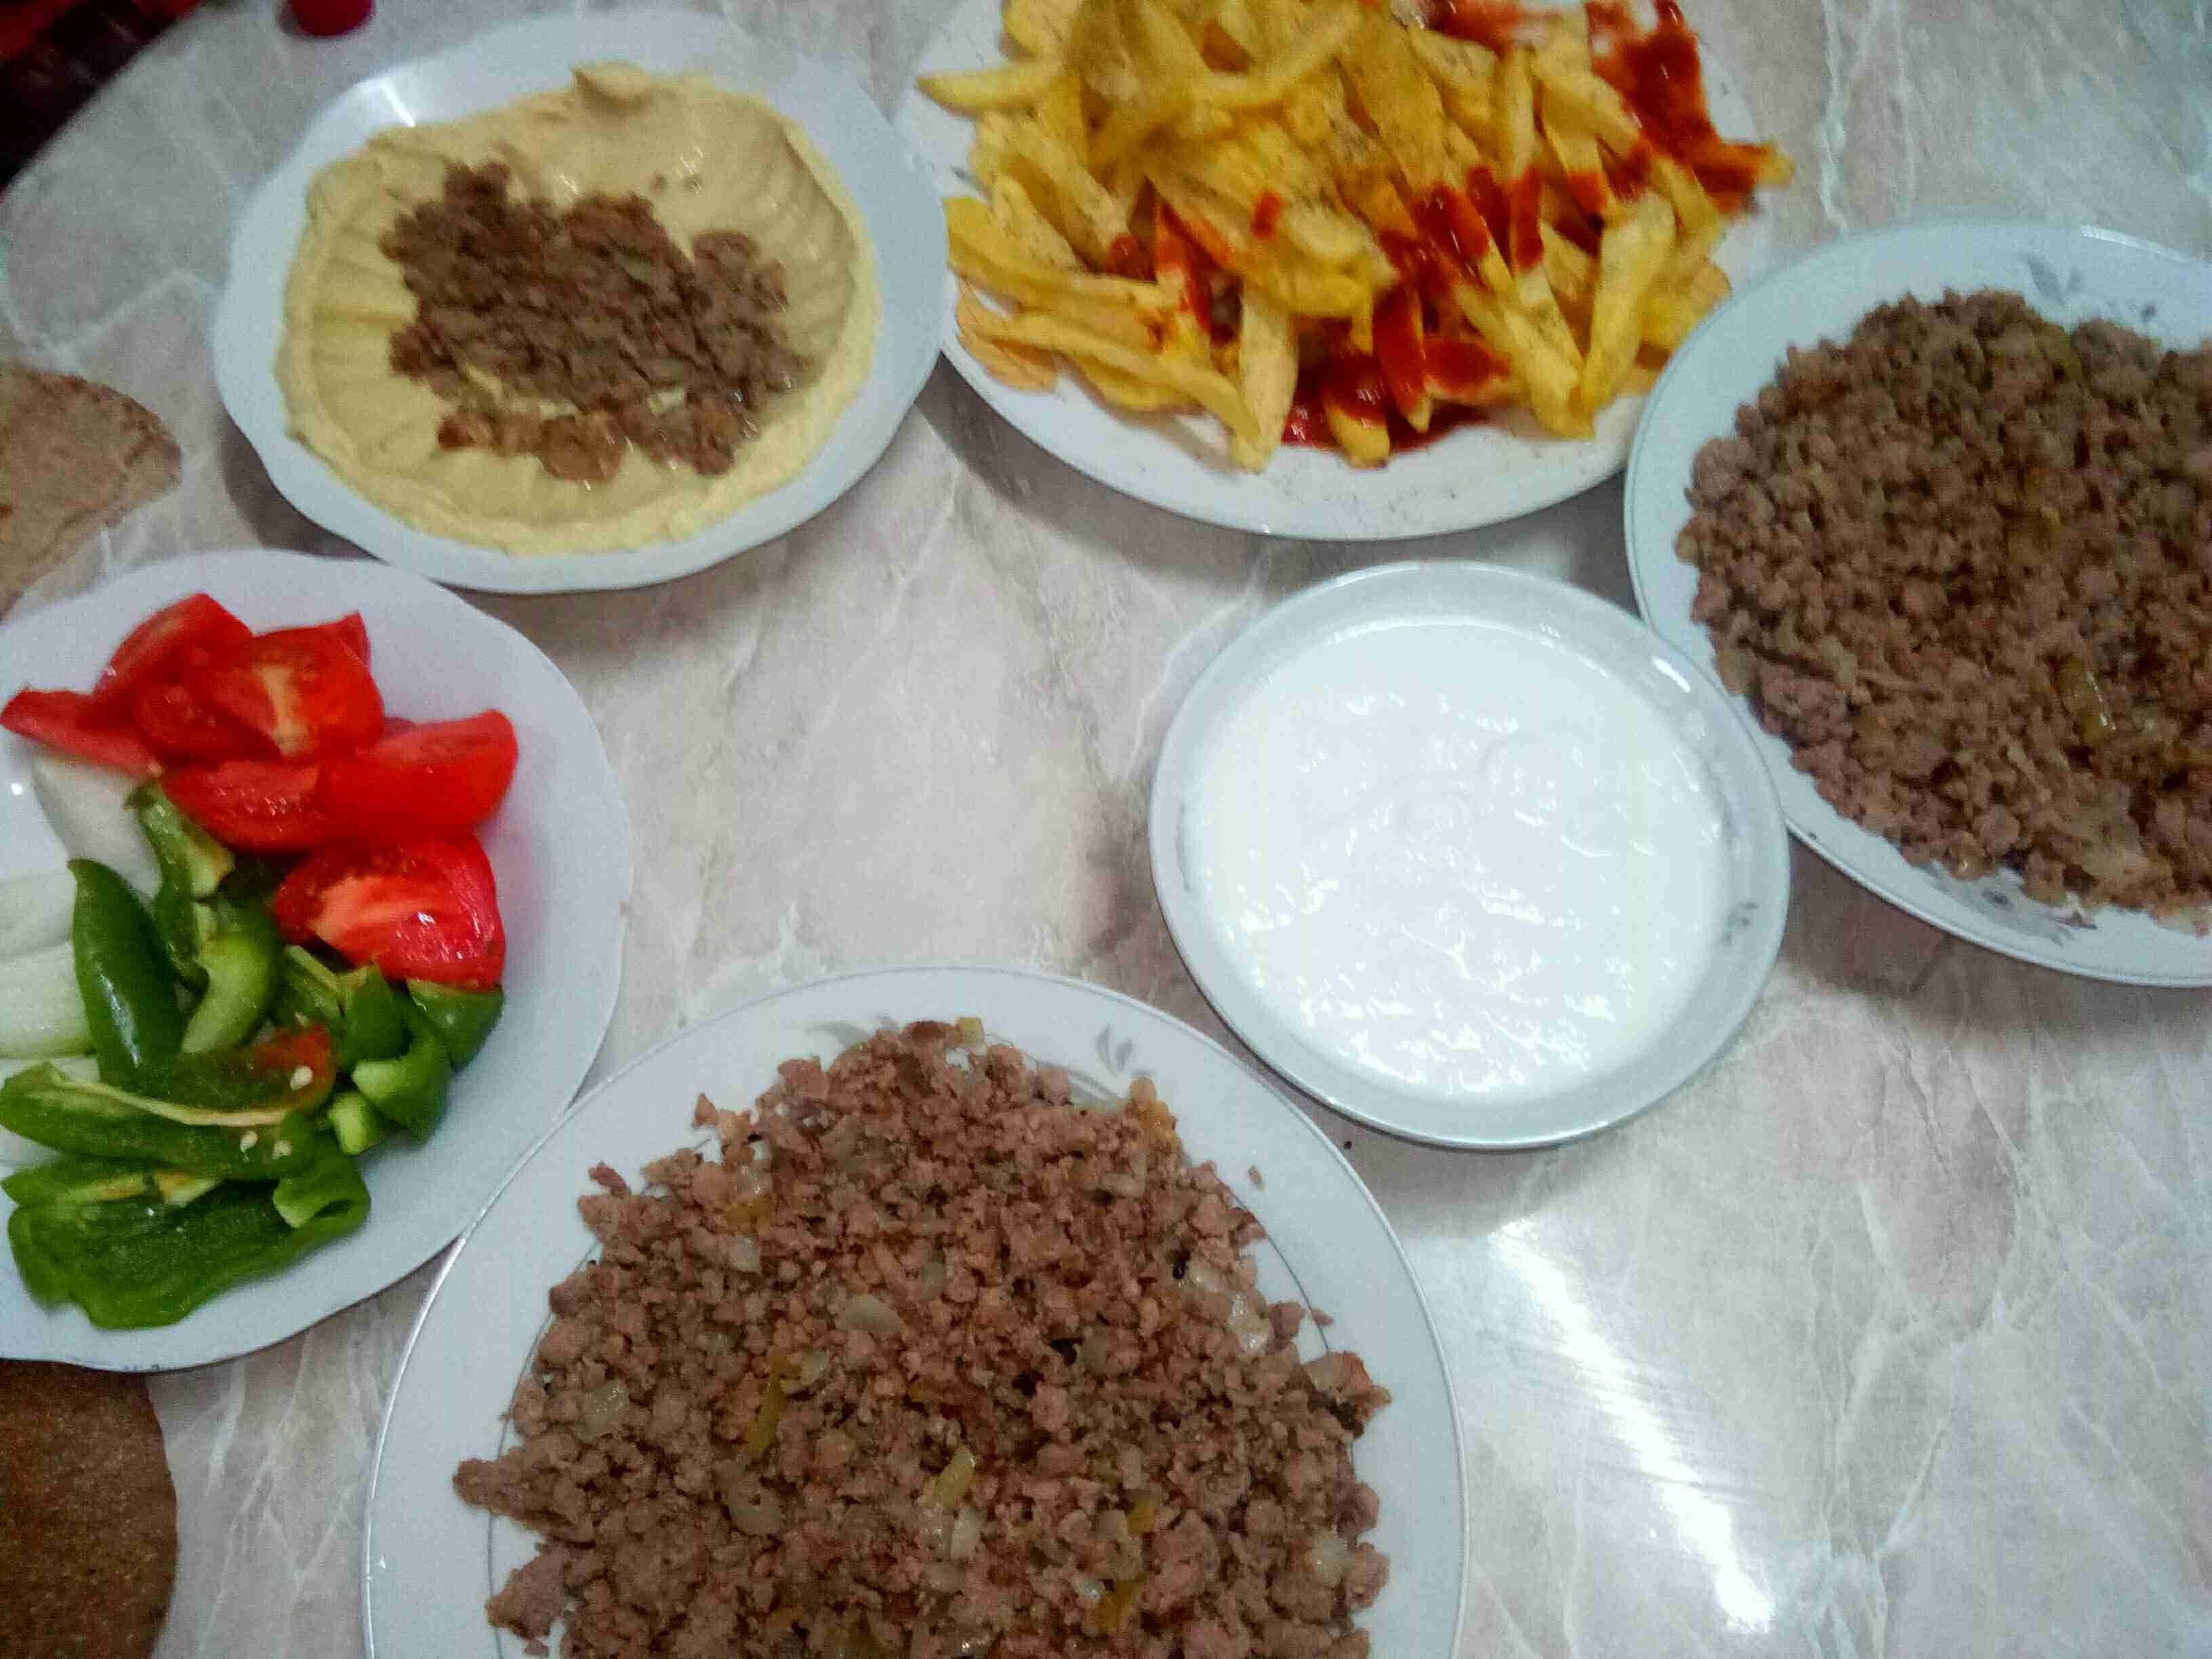 لحمة مفرومة بالبصل سلسلة طبخاتنا الشعبية 4 ملكة الأكلات الأردنية زاكي Recipe Main Dishes Food Dishes